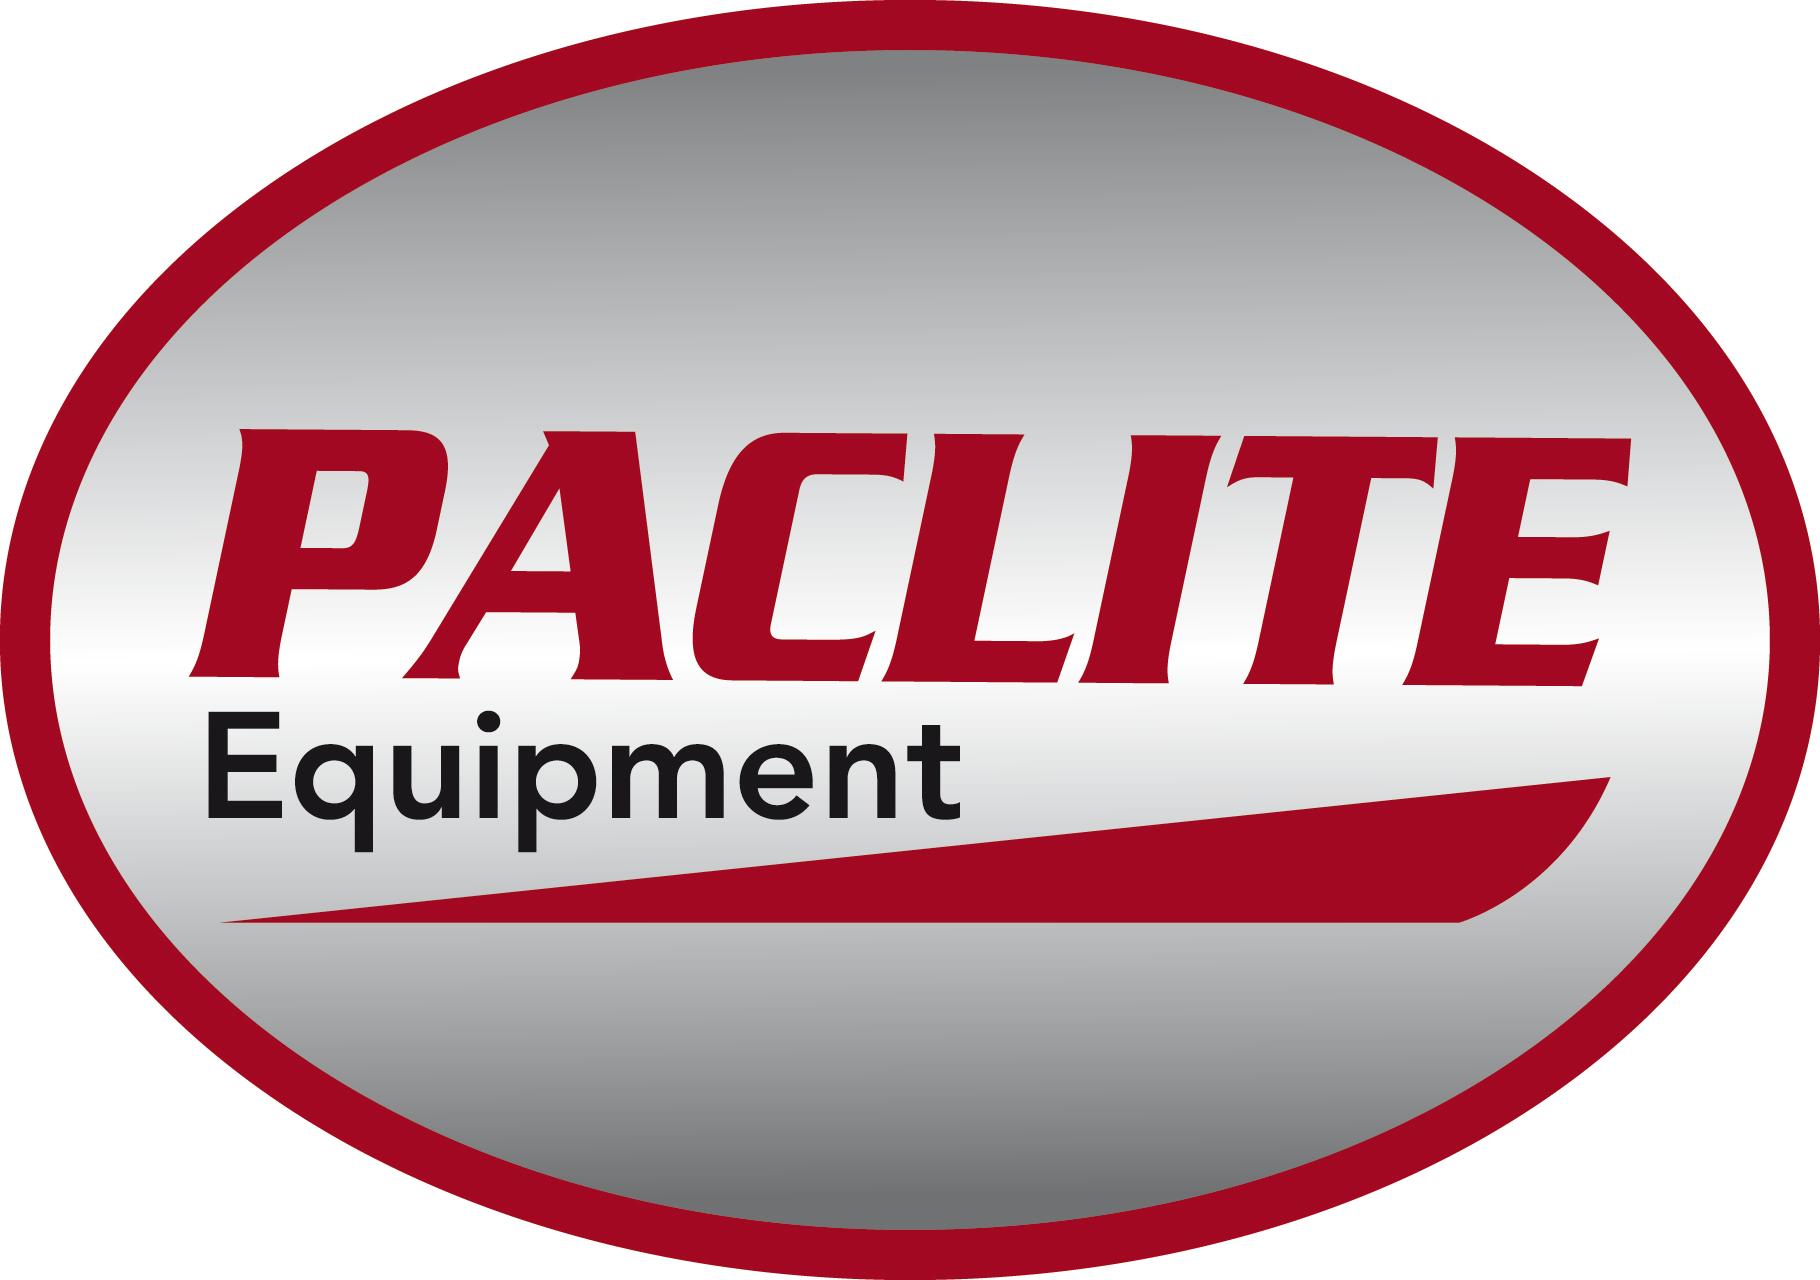 Paclite